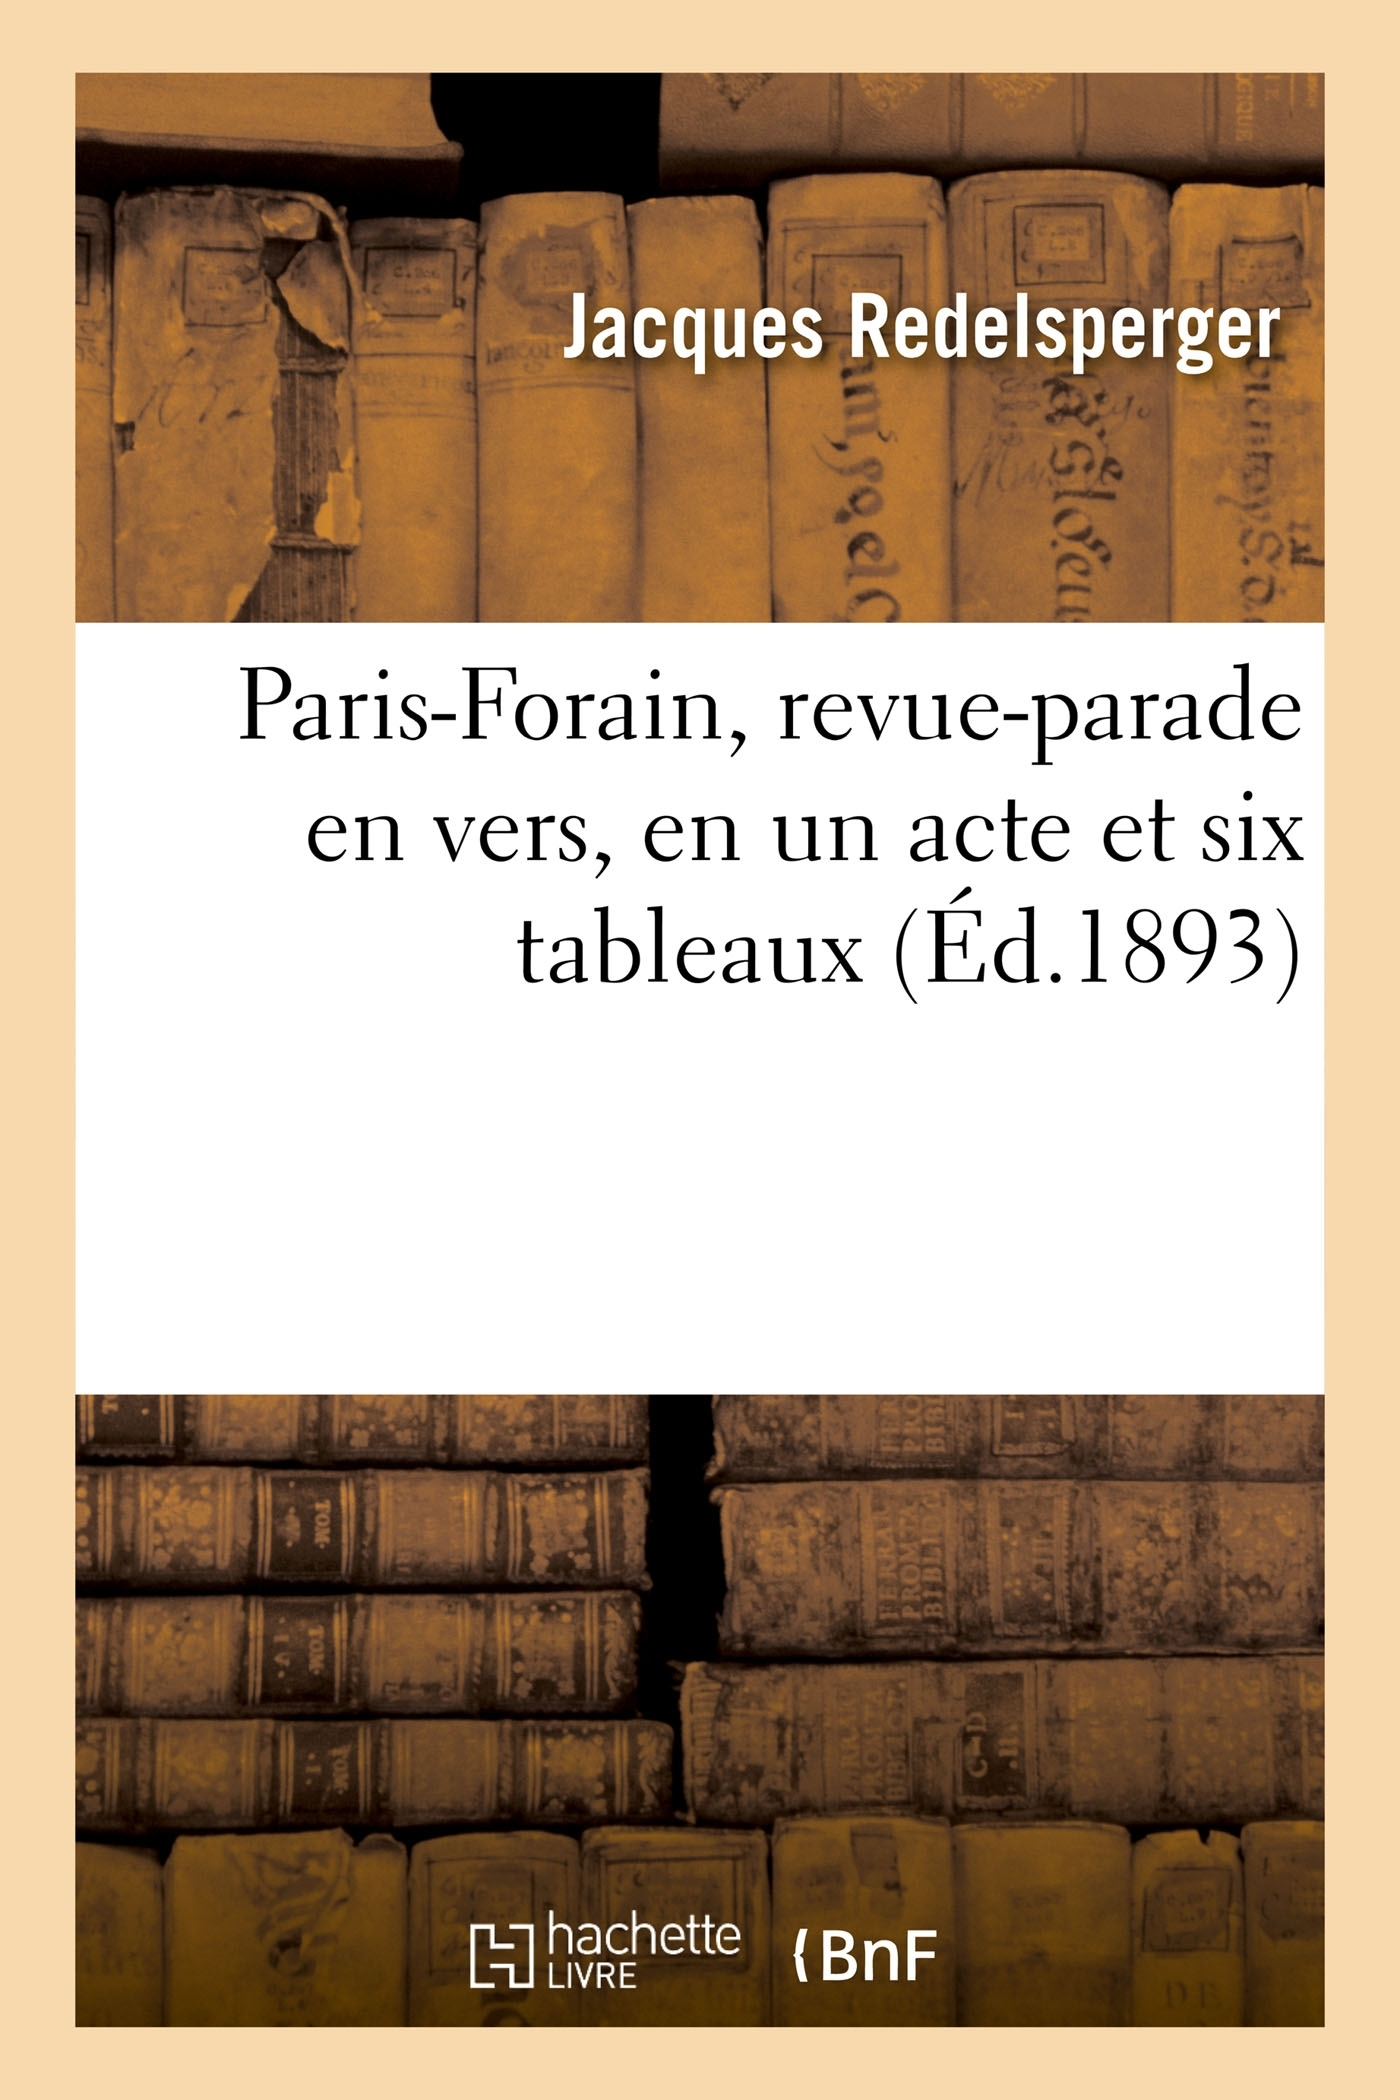 PARIS-FORAIN, REVUE-PARADE EN VERS, EN UN ACTE ET SIX TABLEAUX